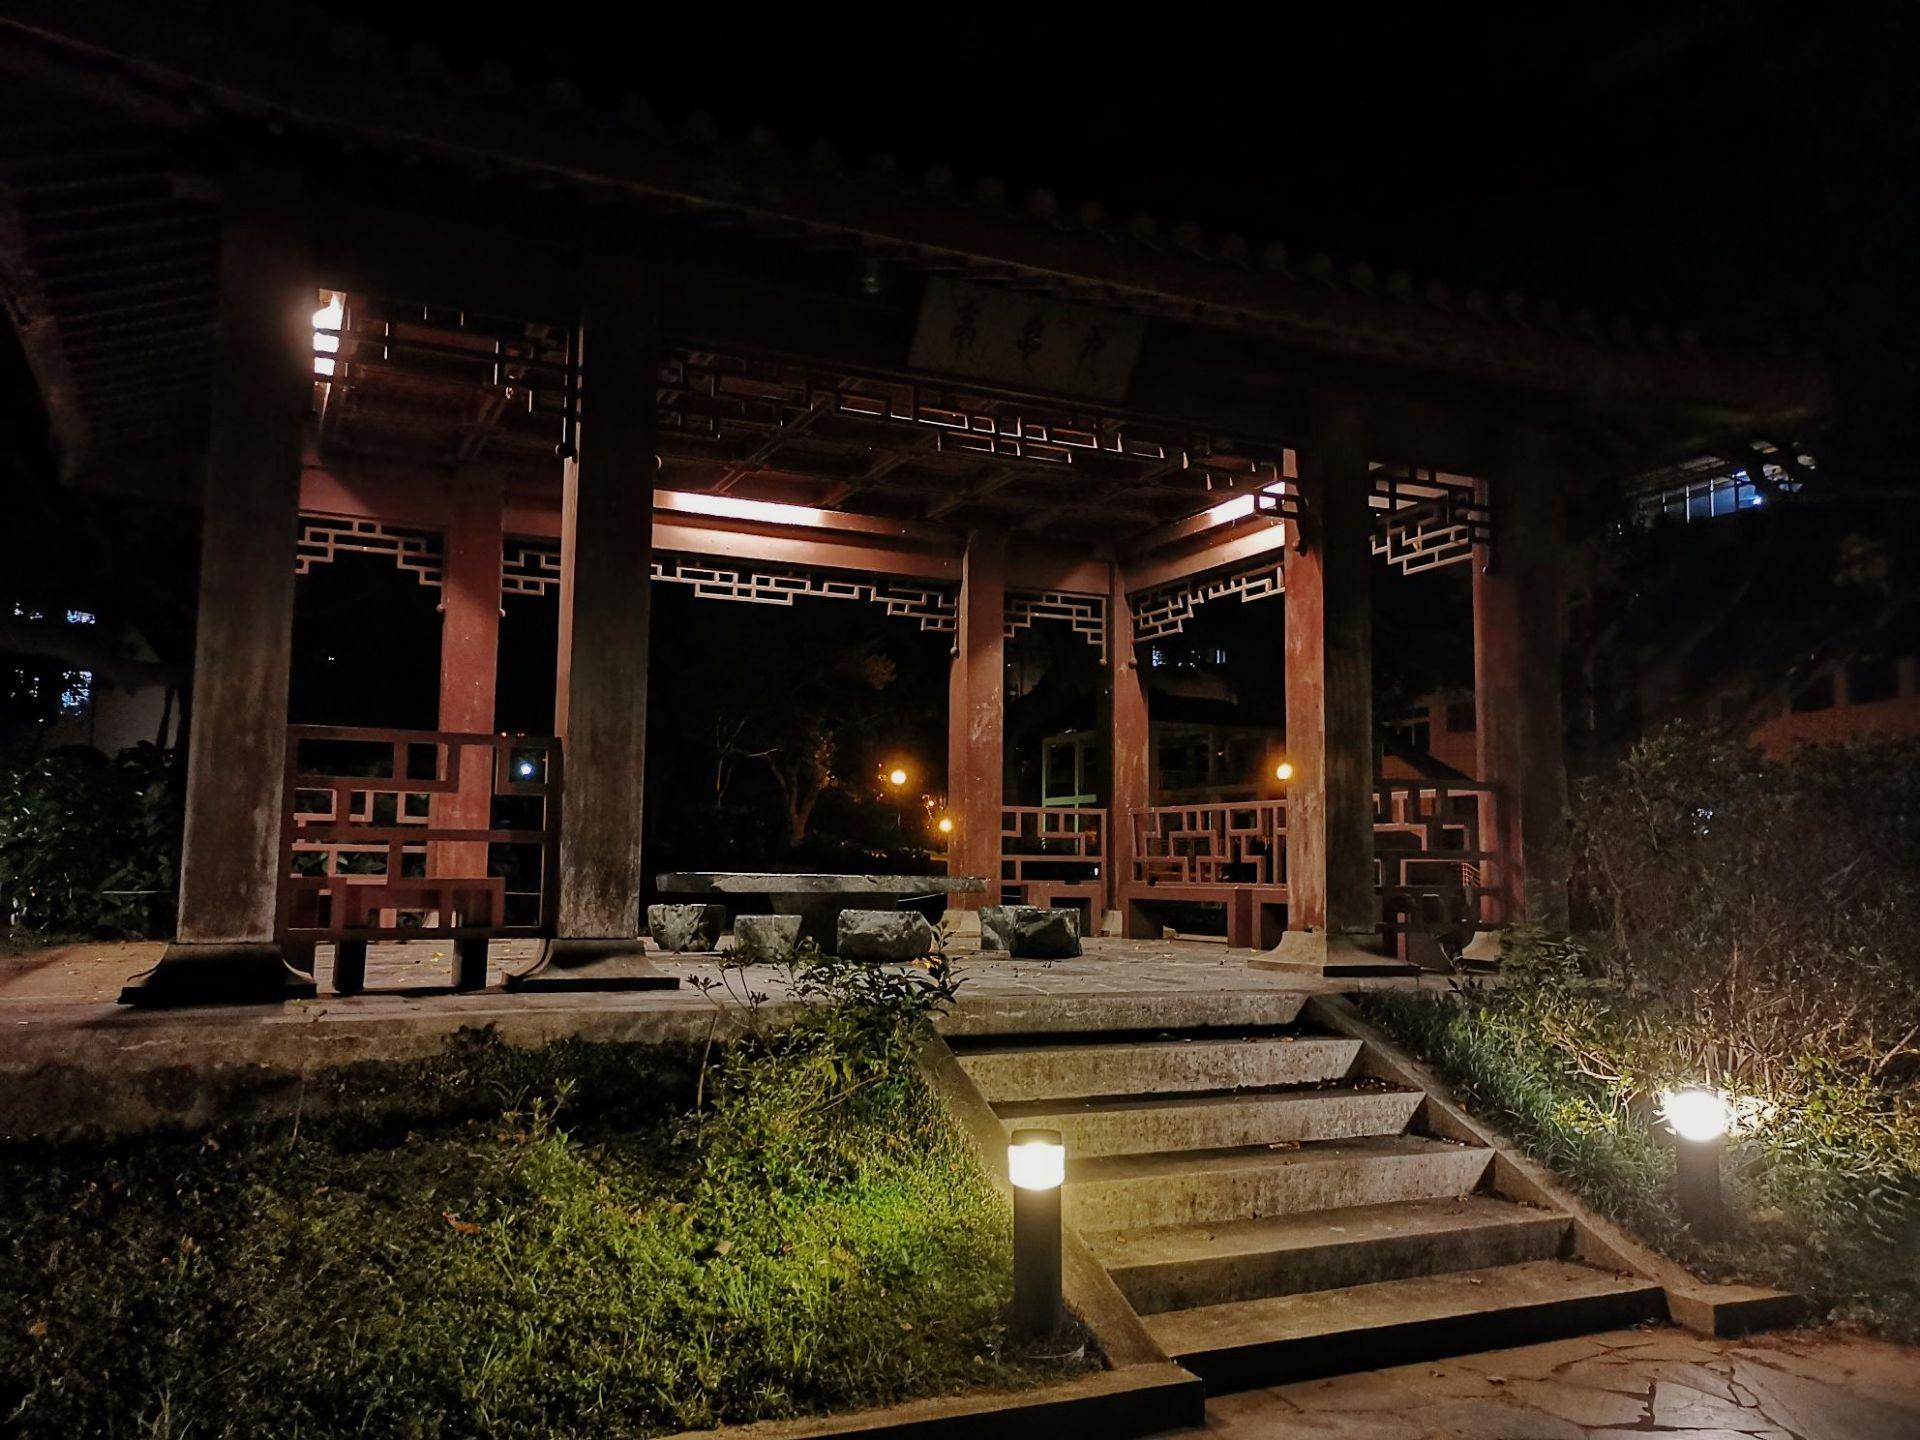 Chiao Tung University